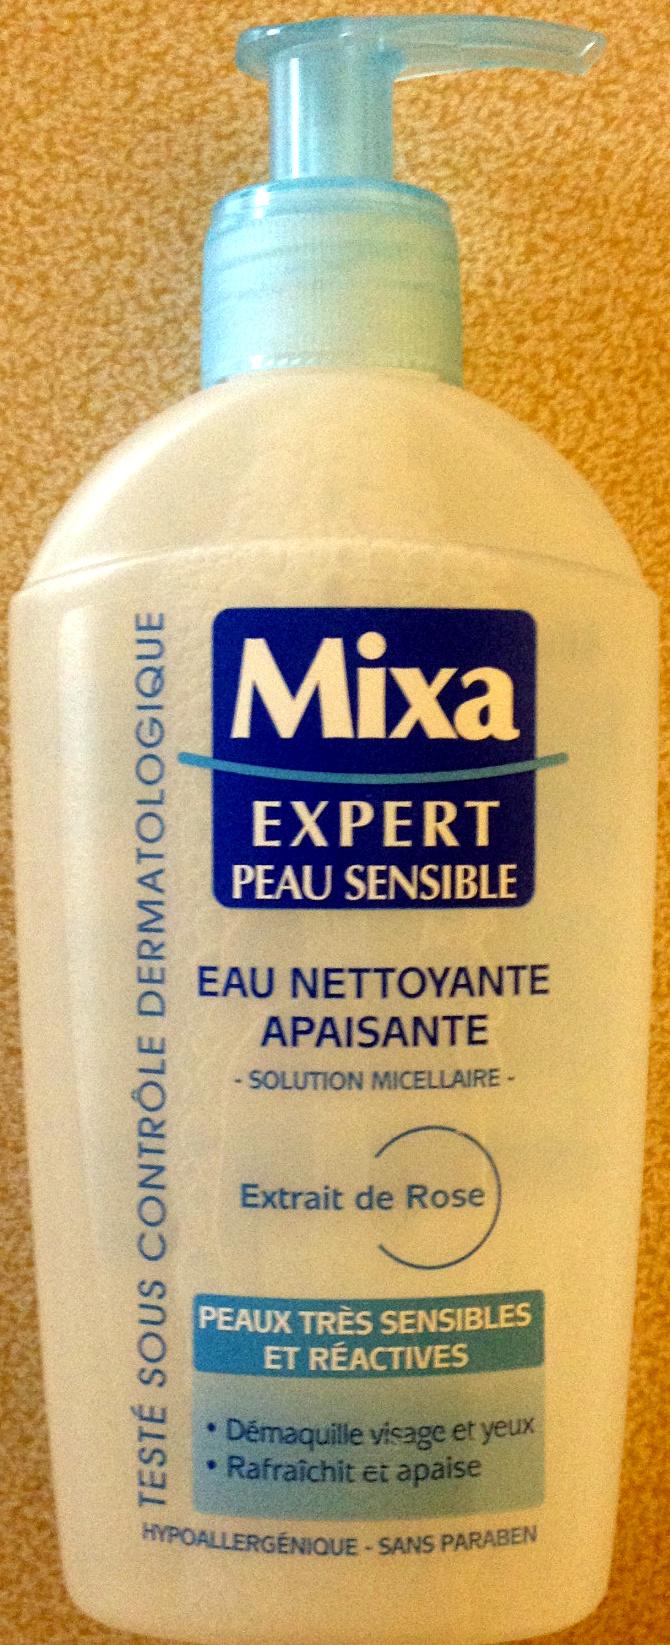 Eau nettoyante apaisante - solution micellaire - Product - fr